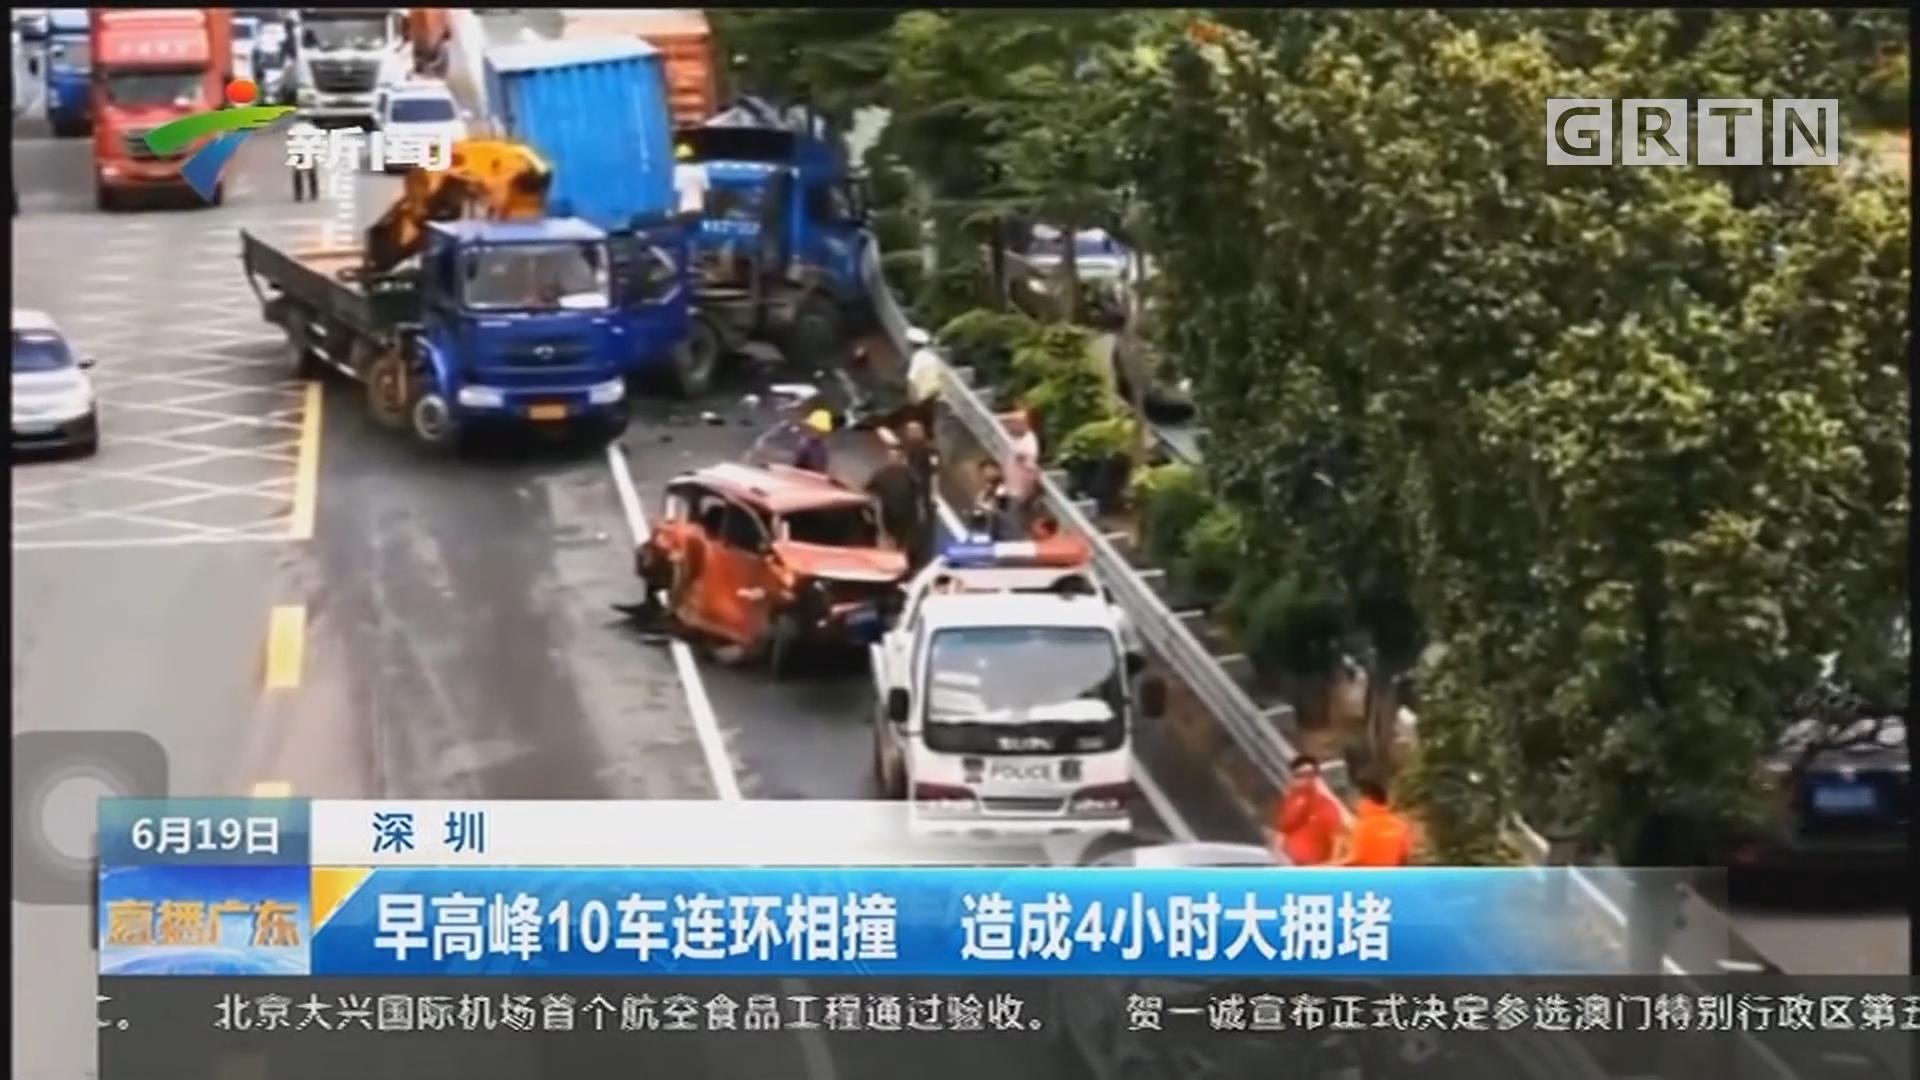 深圳:早高峰10车连环相撞 造成4小时大拥堵